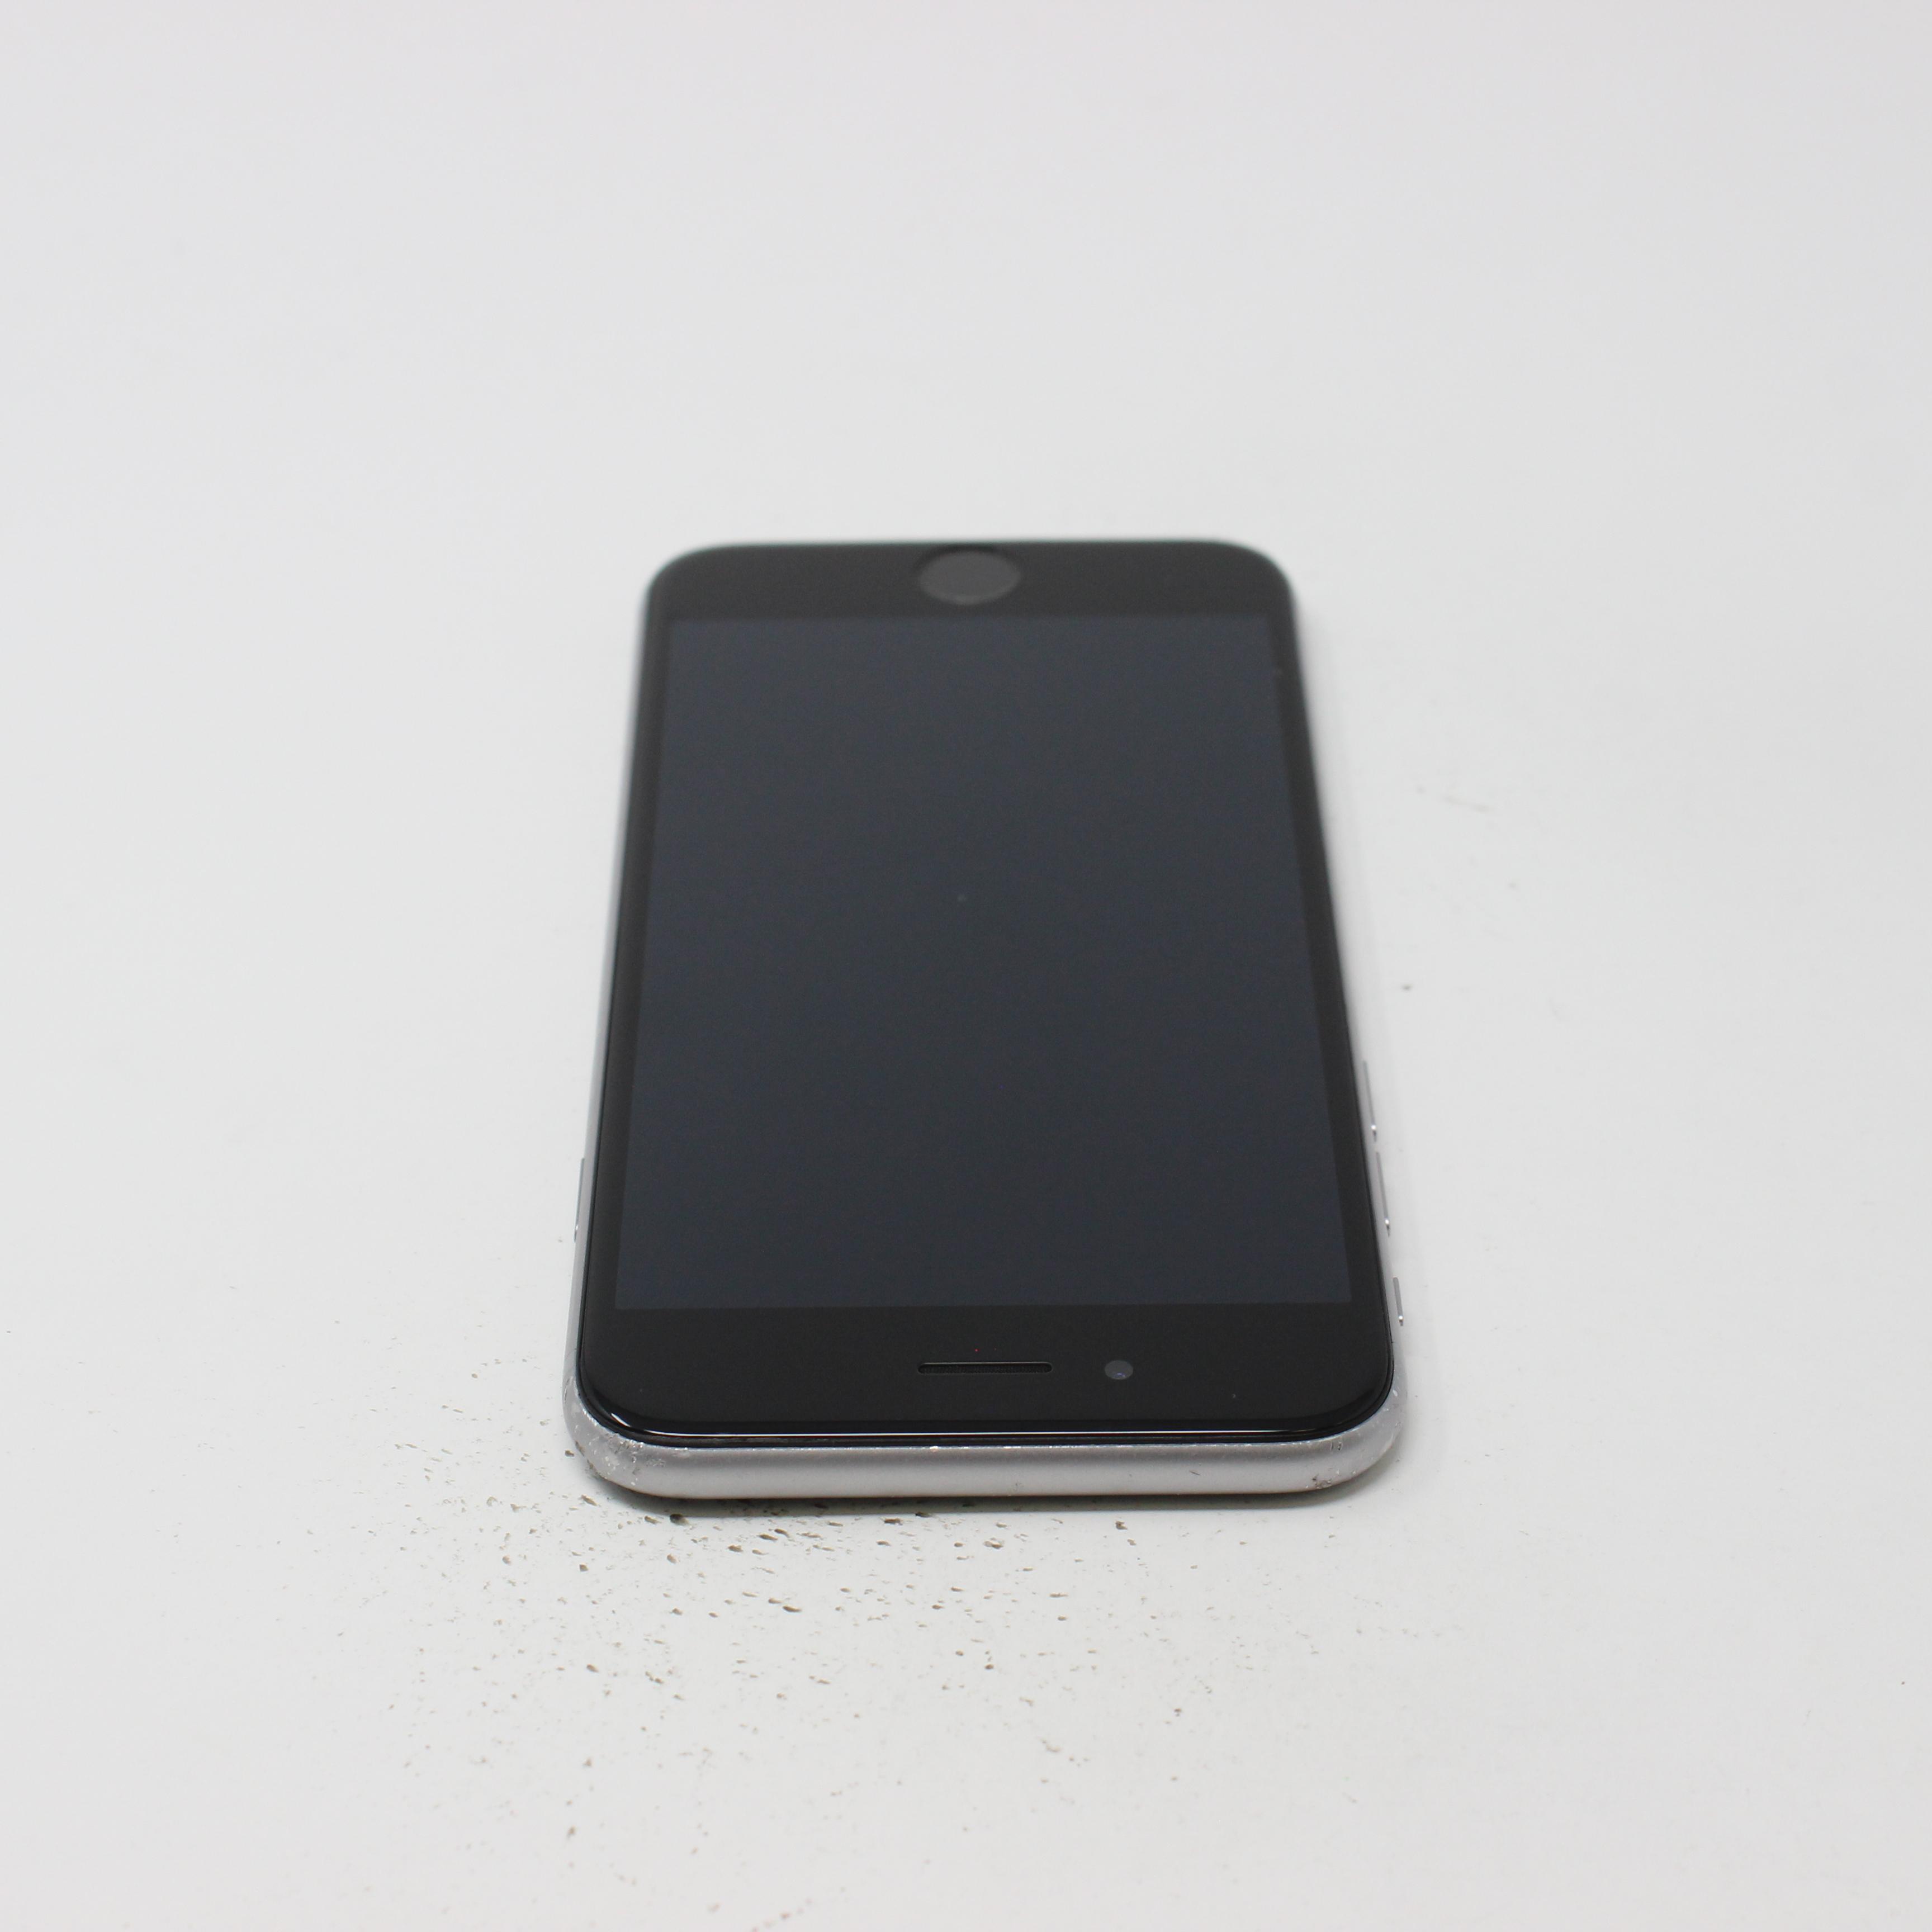 iPhone 6S 16GB Space Gray - AT&T photo 4 | UpTradeit.com